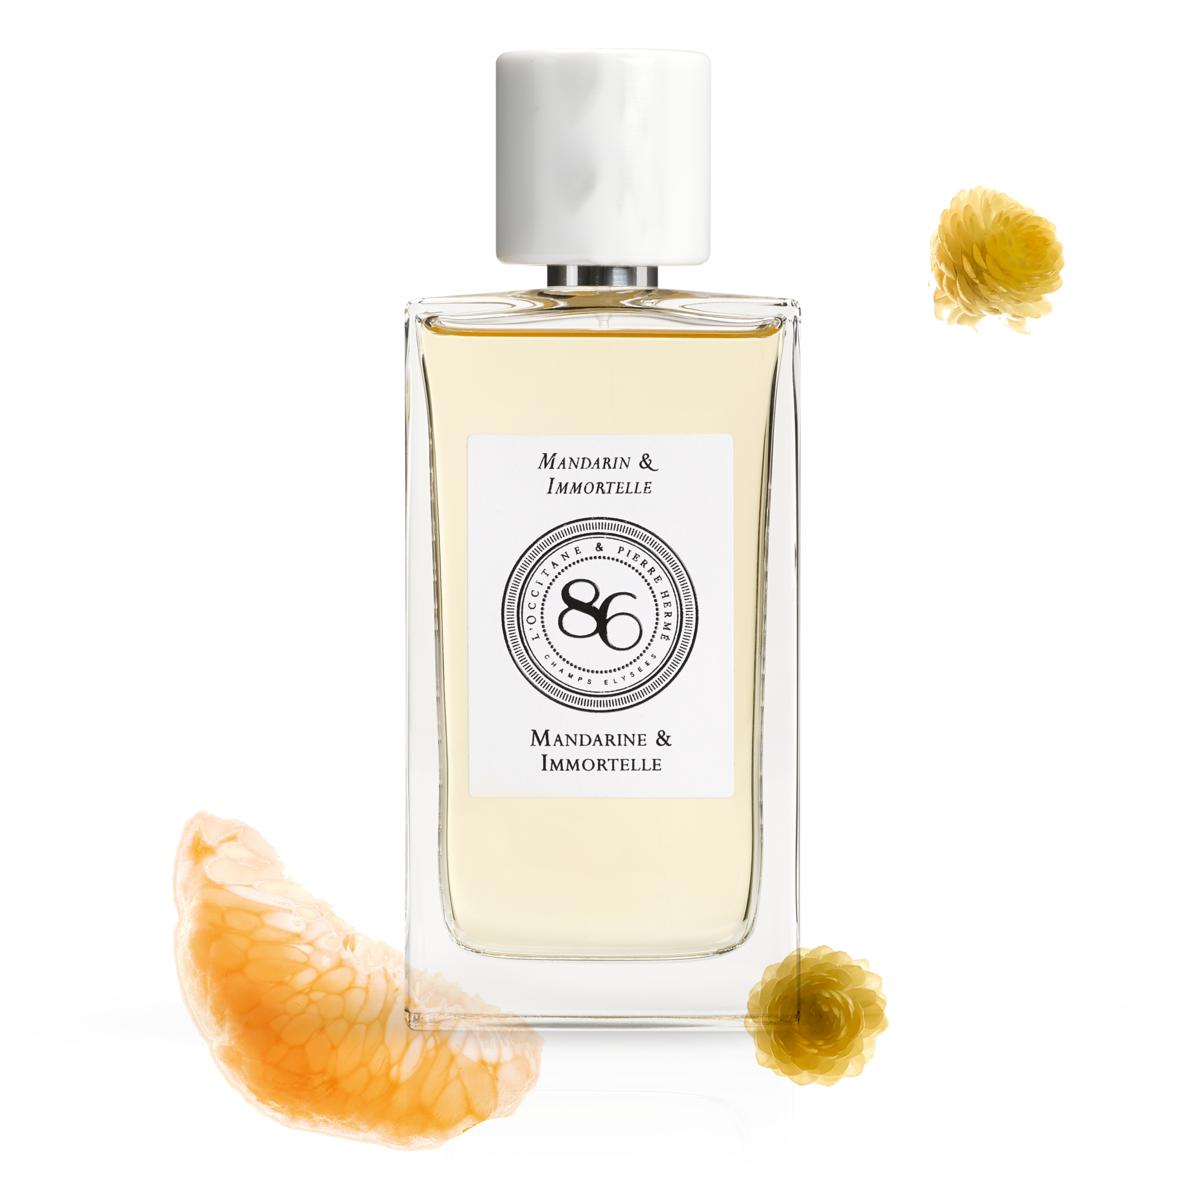 Pierre Hermé 86 Mandarin & Immortelle Eau de Parfum